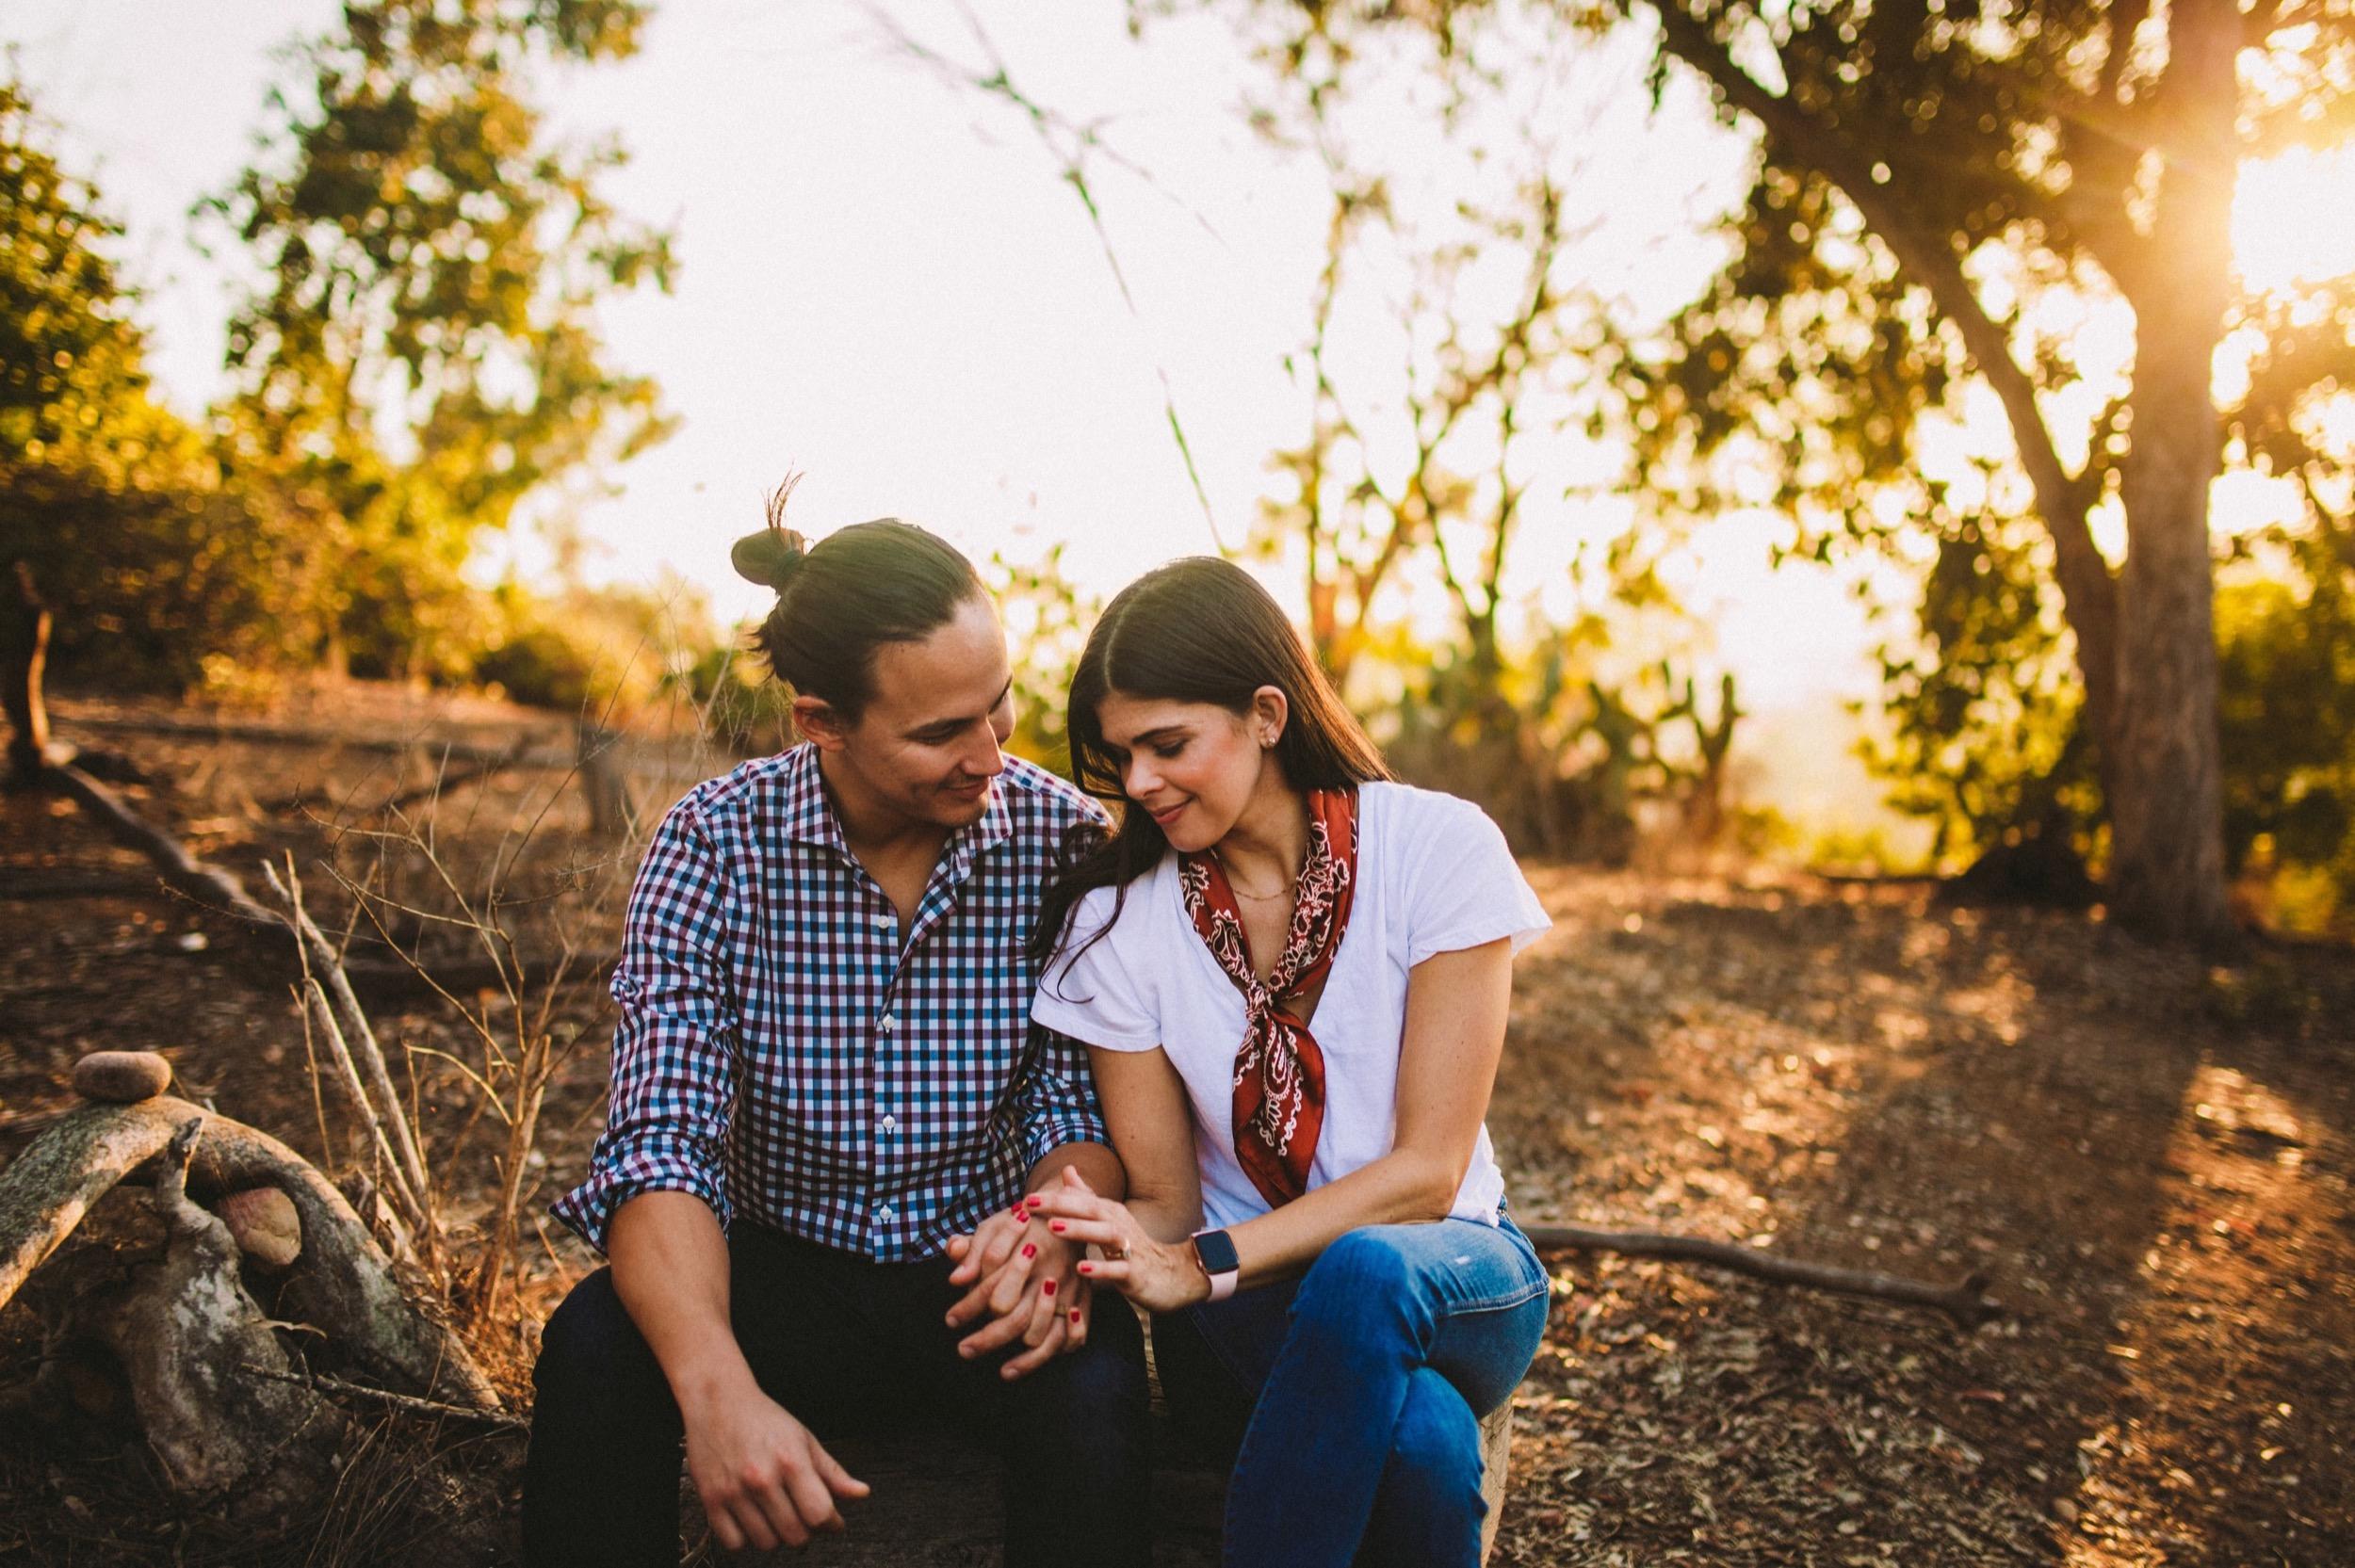 San Diego Photographer Presidio Park Couples Photography-24.jpg